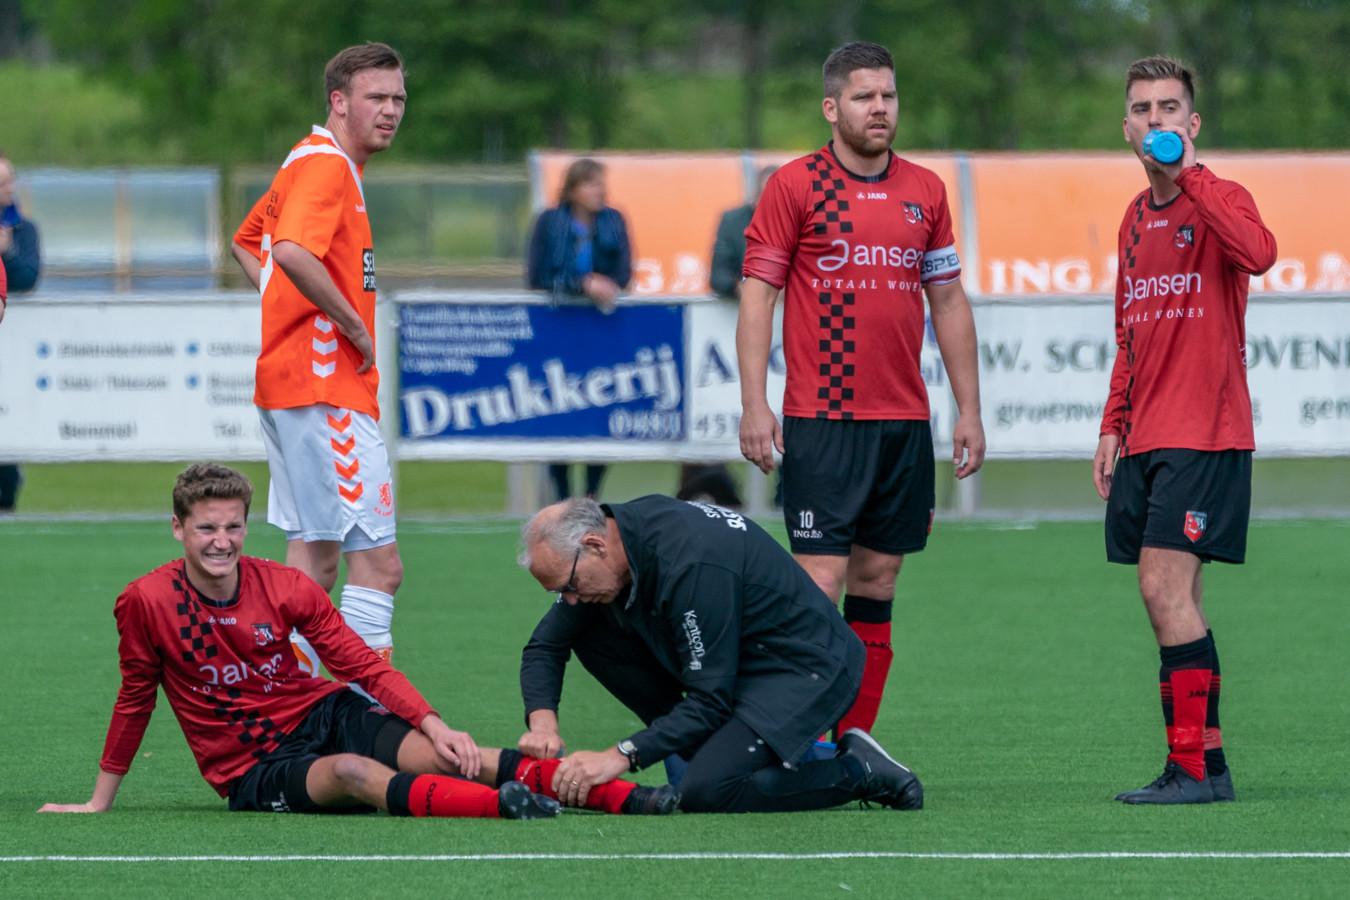 SC Bemmel heeft zich op de valreep versterkt met een verdediger.